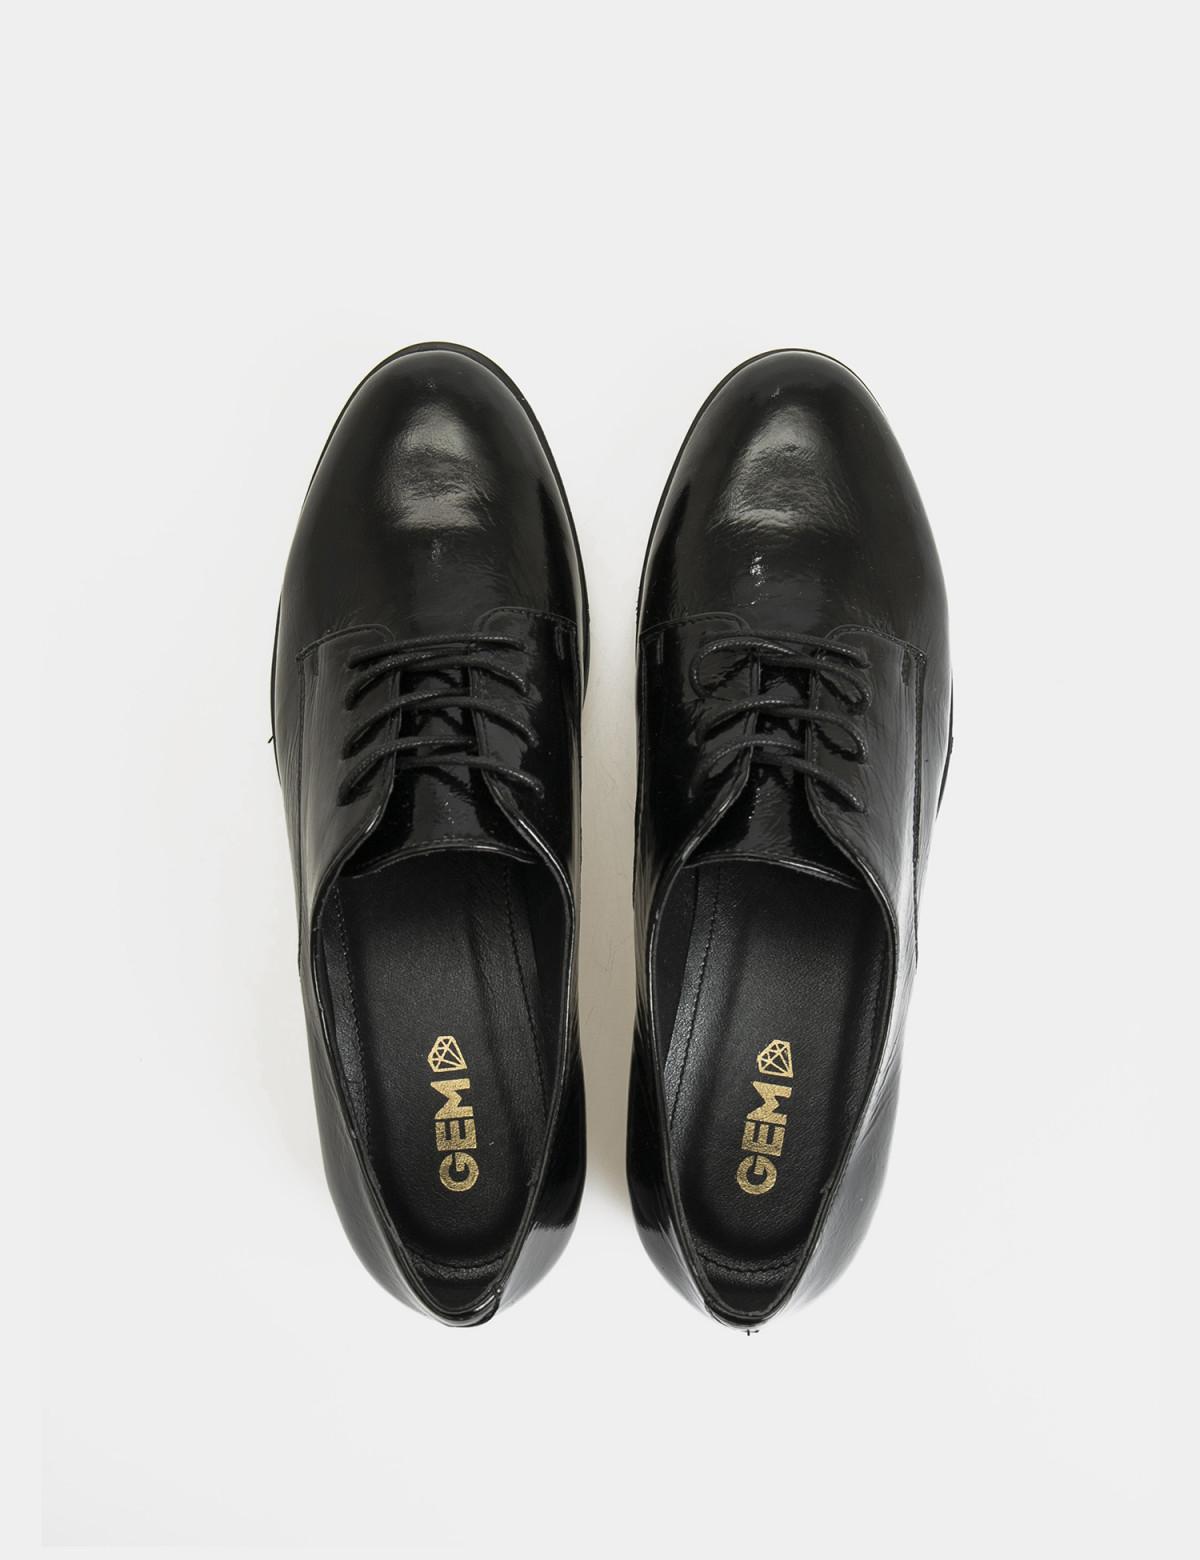 Туфли черные лакированные, натуральная кожа3